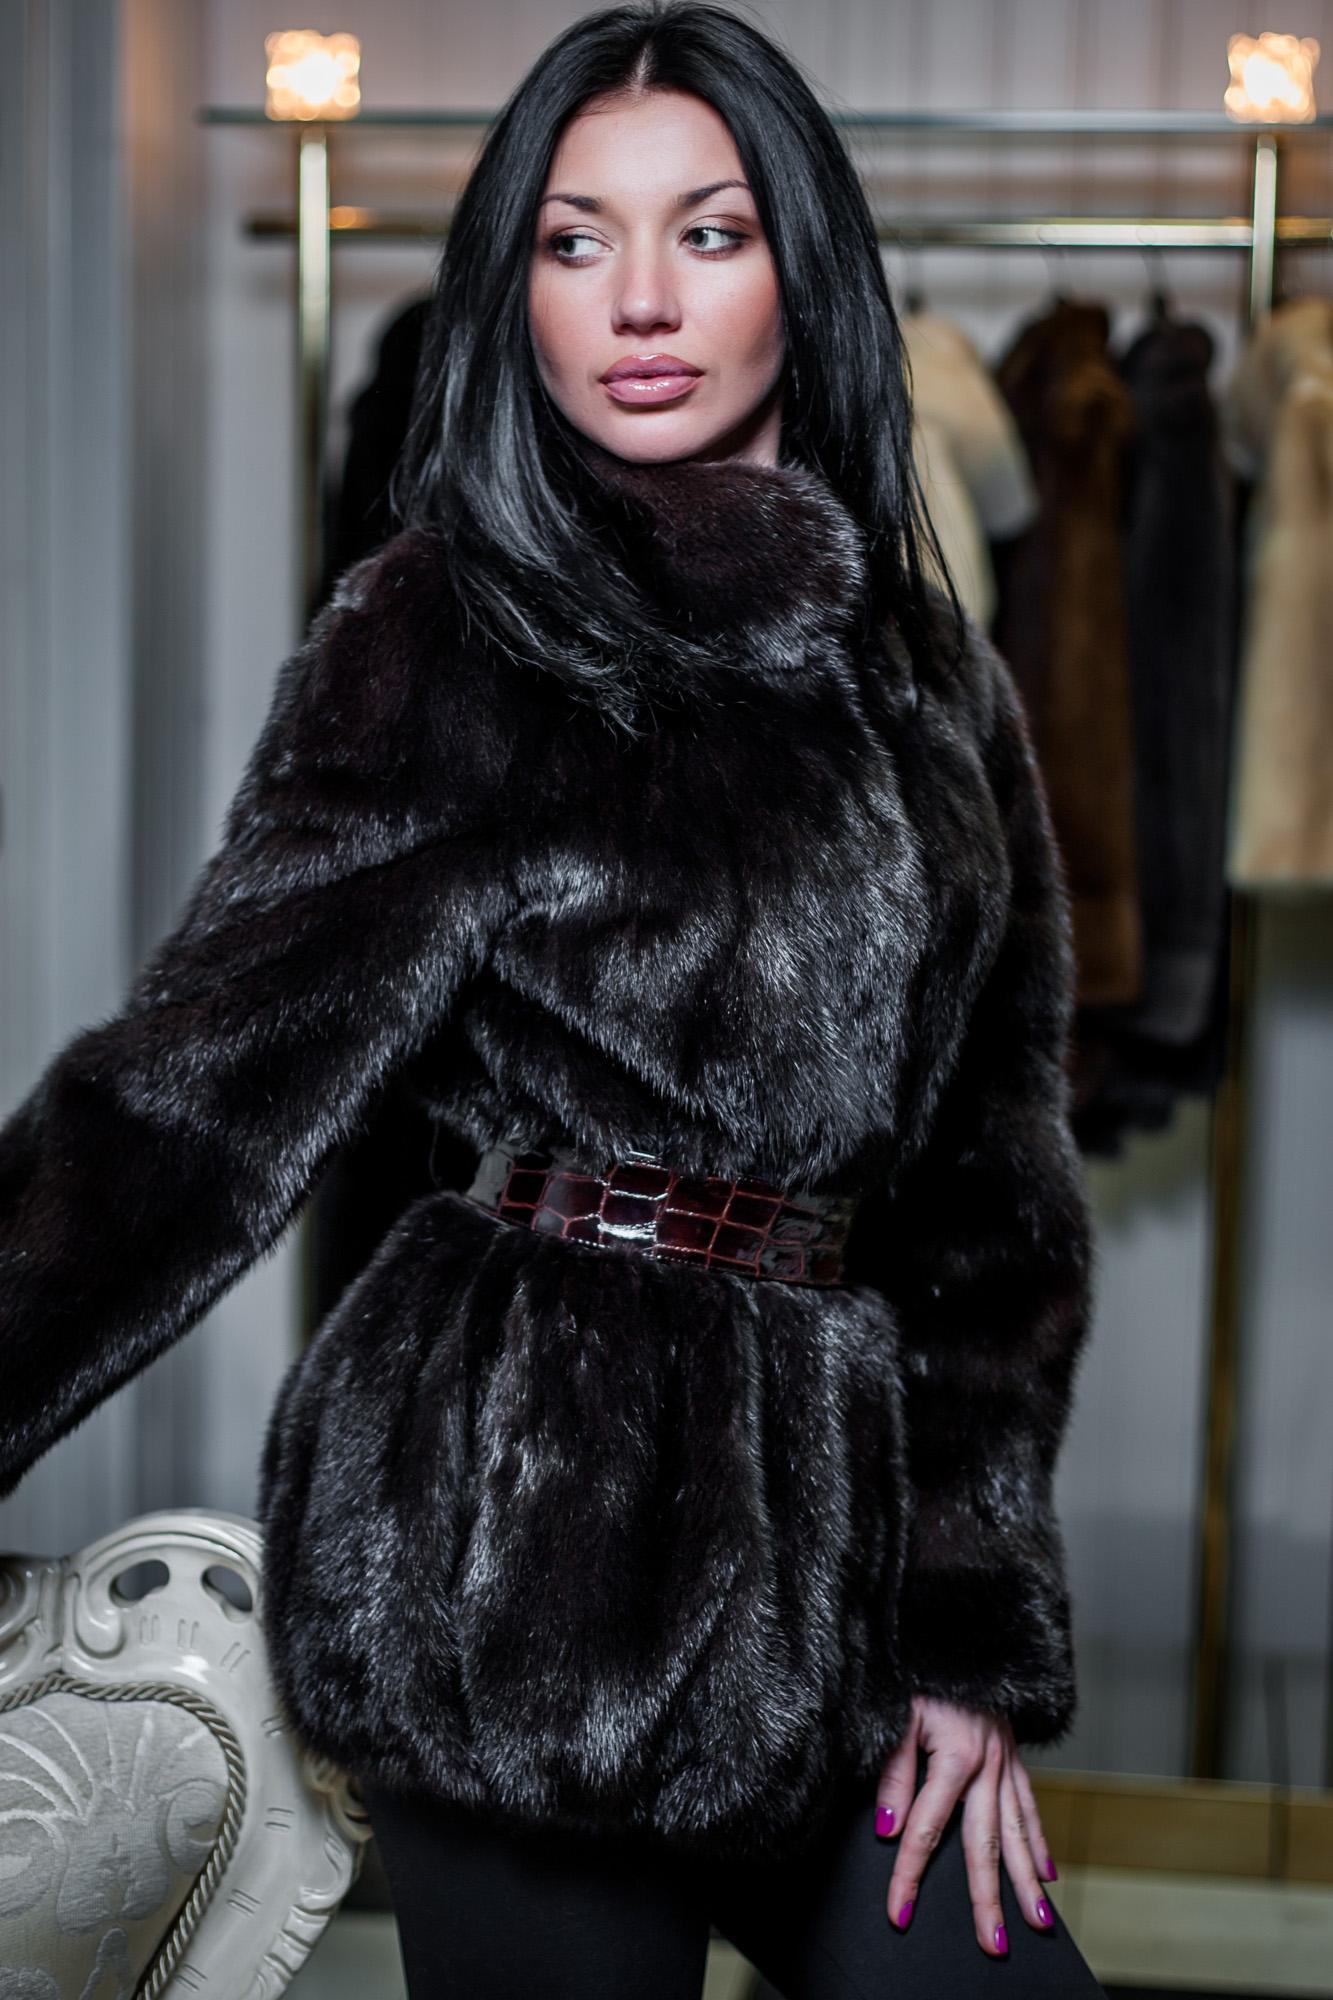 Шубы женские зимние. Модные женские шубы и полушубки осень-зима 2016 ... 6eedc85c79d